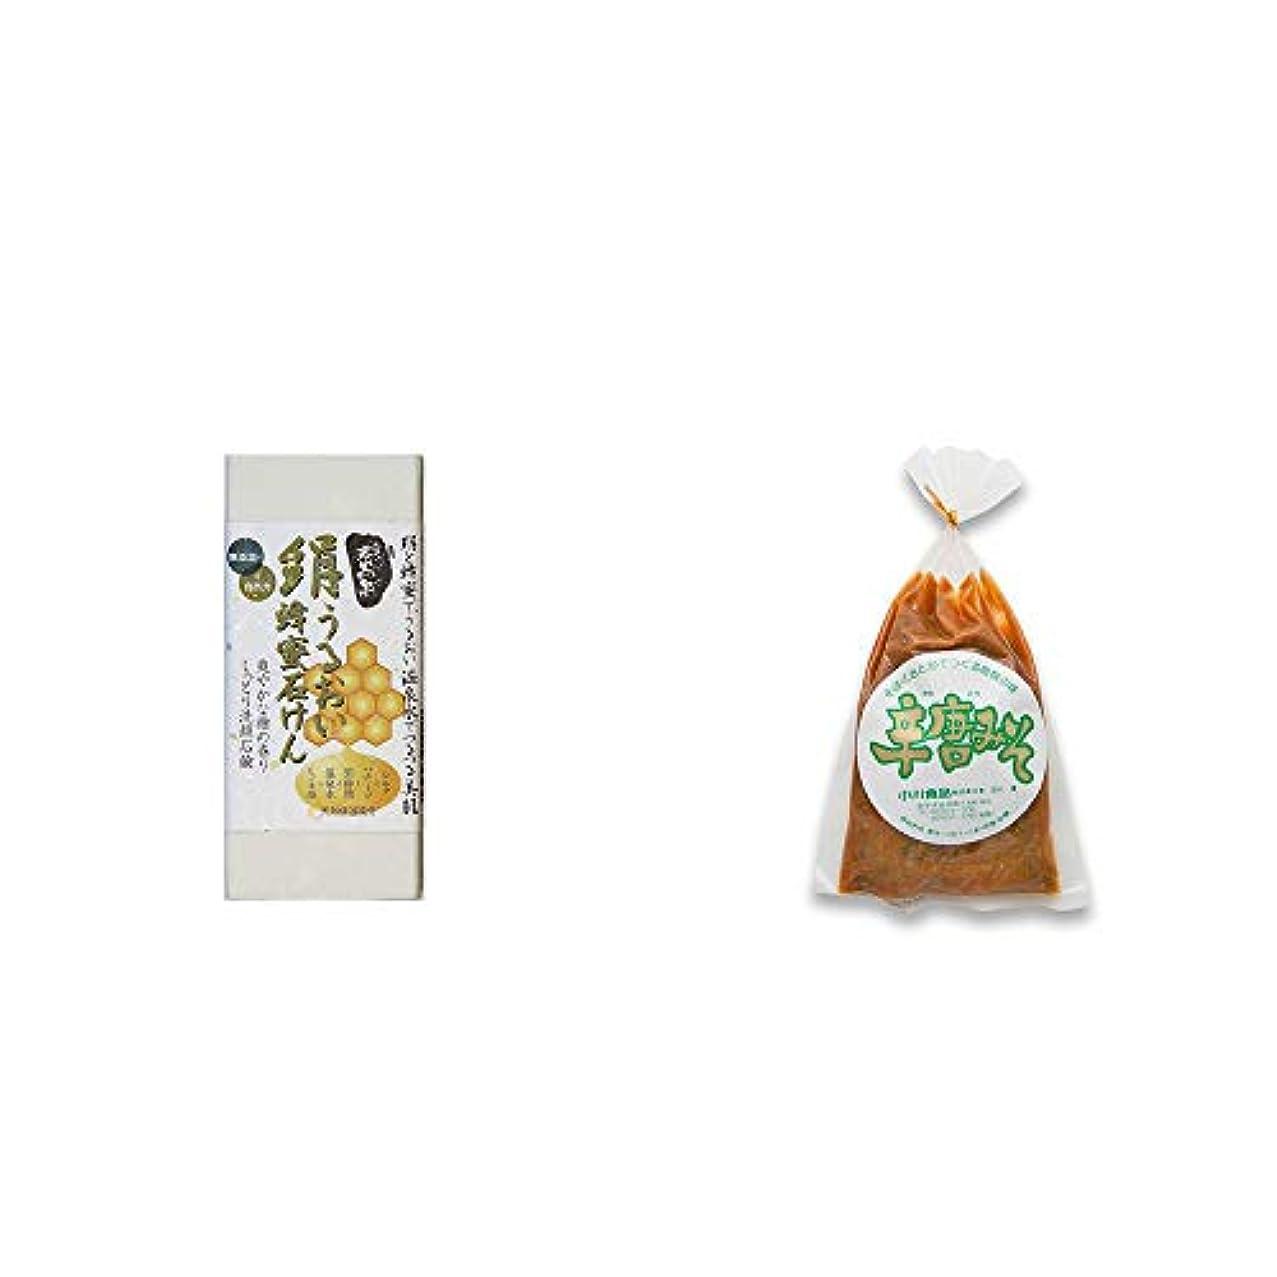 十二独裁散文[2点セット] ひのき炭黒泉 絹うるおい蜂蜜石けん(75g×2)?辛唐みそ(130g)